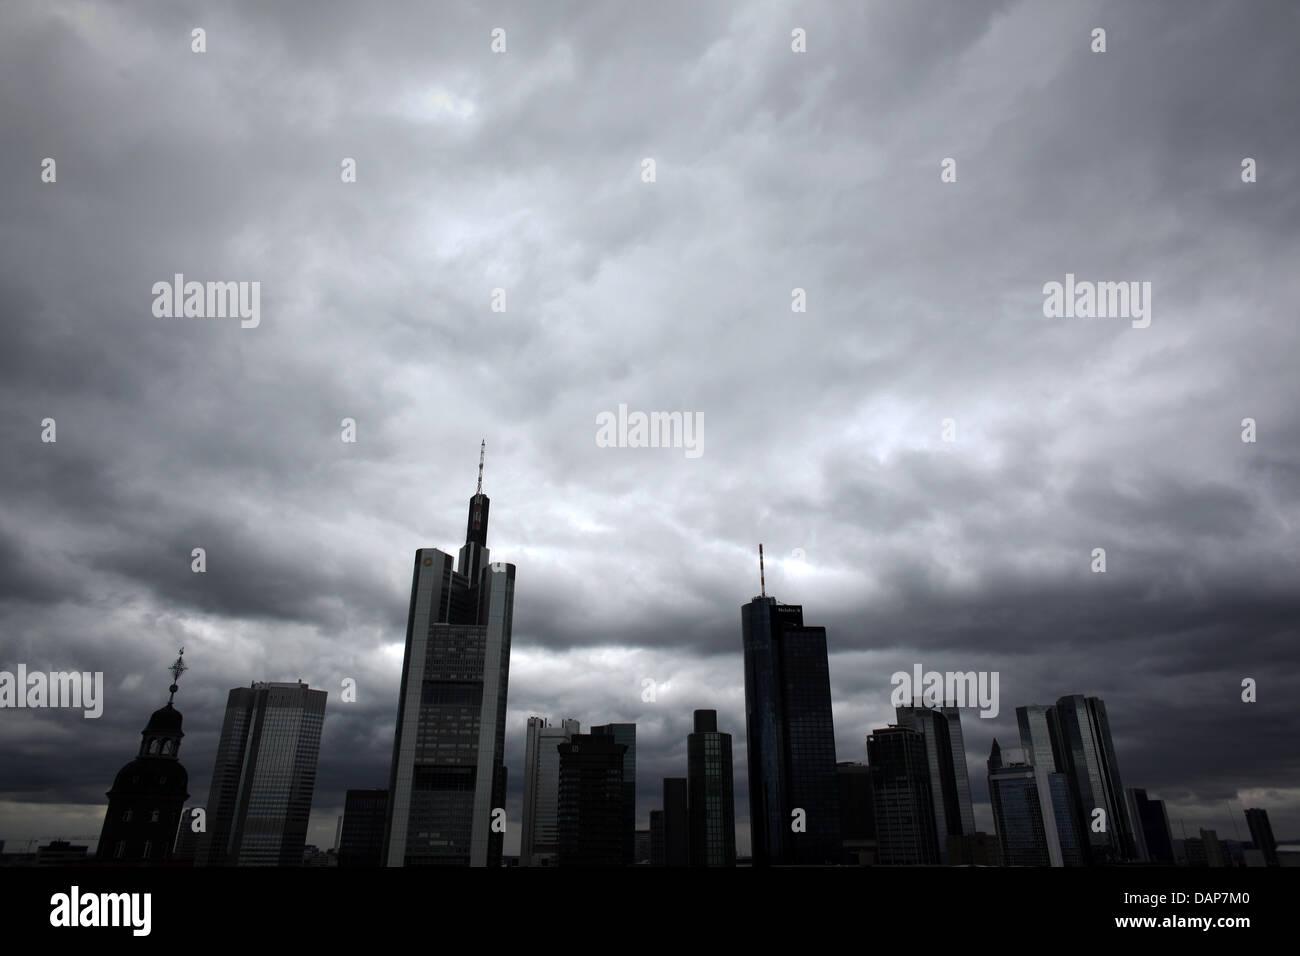 Die Skyline der Stadt Frankfurt unter grau bewölktem Himmel, aufgenommen am Samstag (30.07.2011) in Frankfurt am Stock Photo